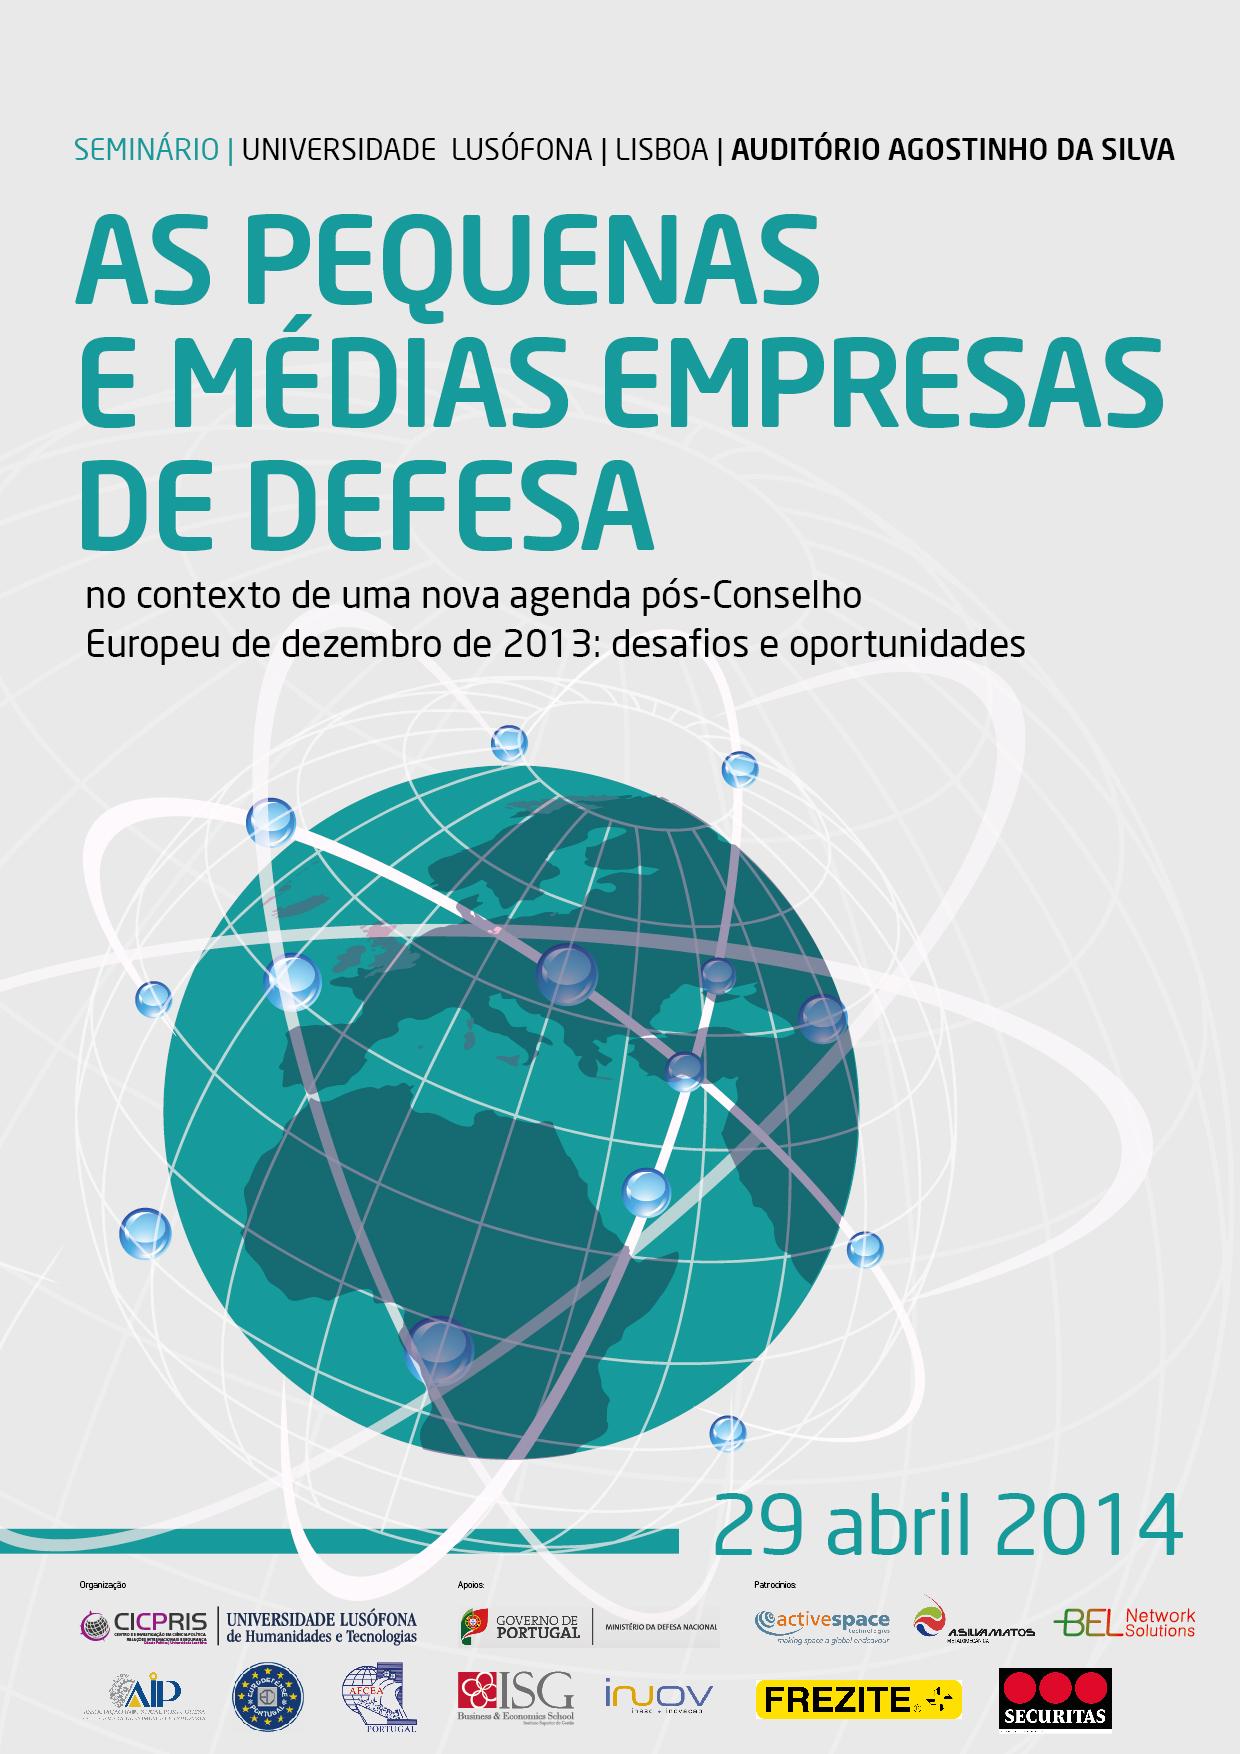 as pequenas e medias empresas de defesa-01 (2)